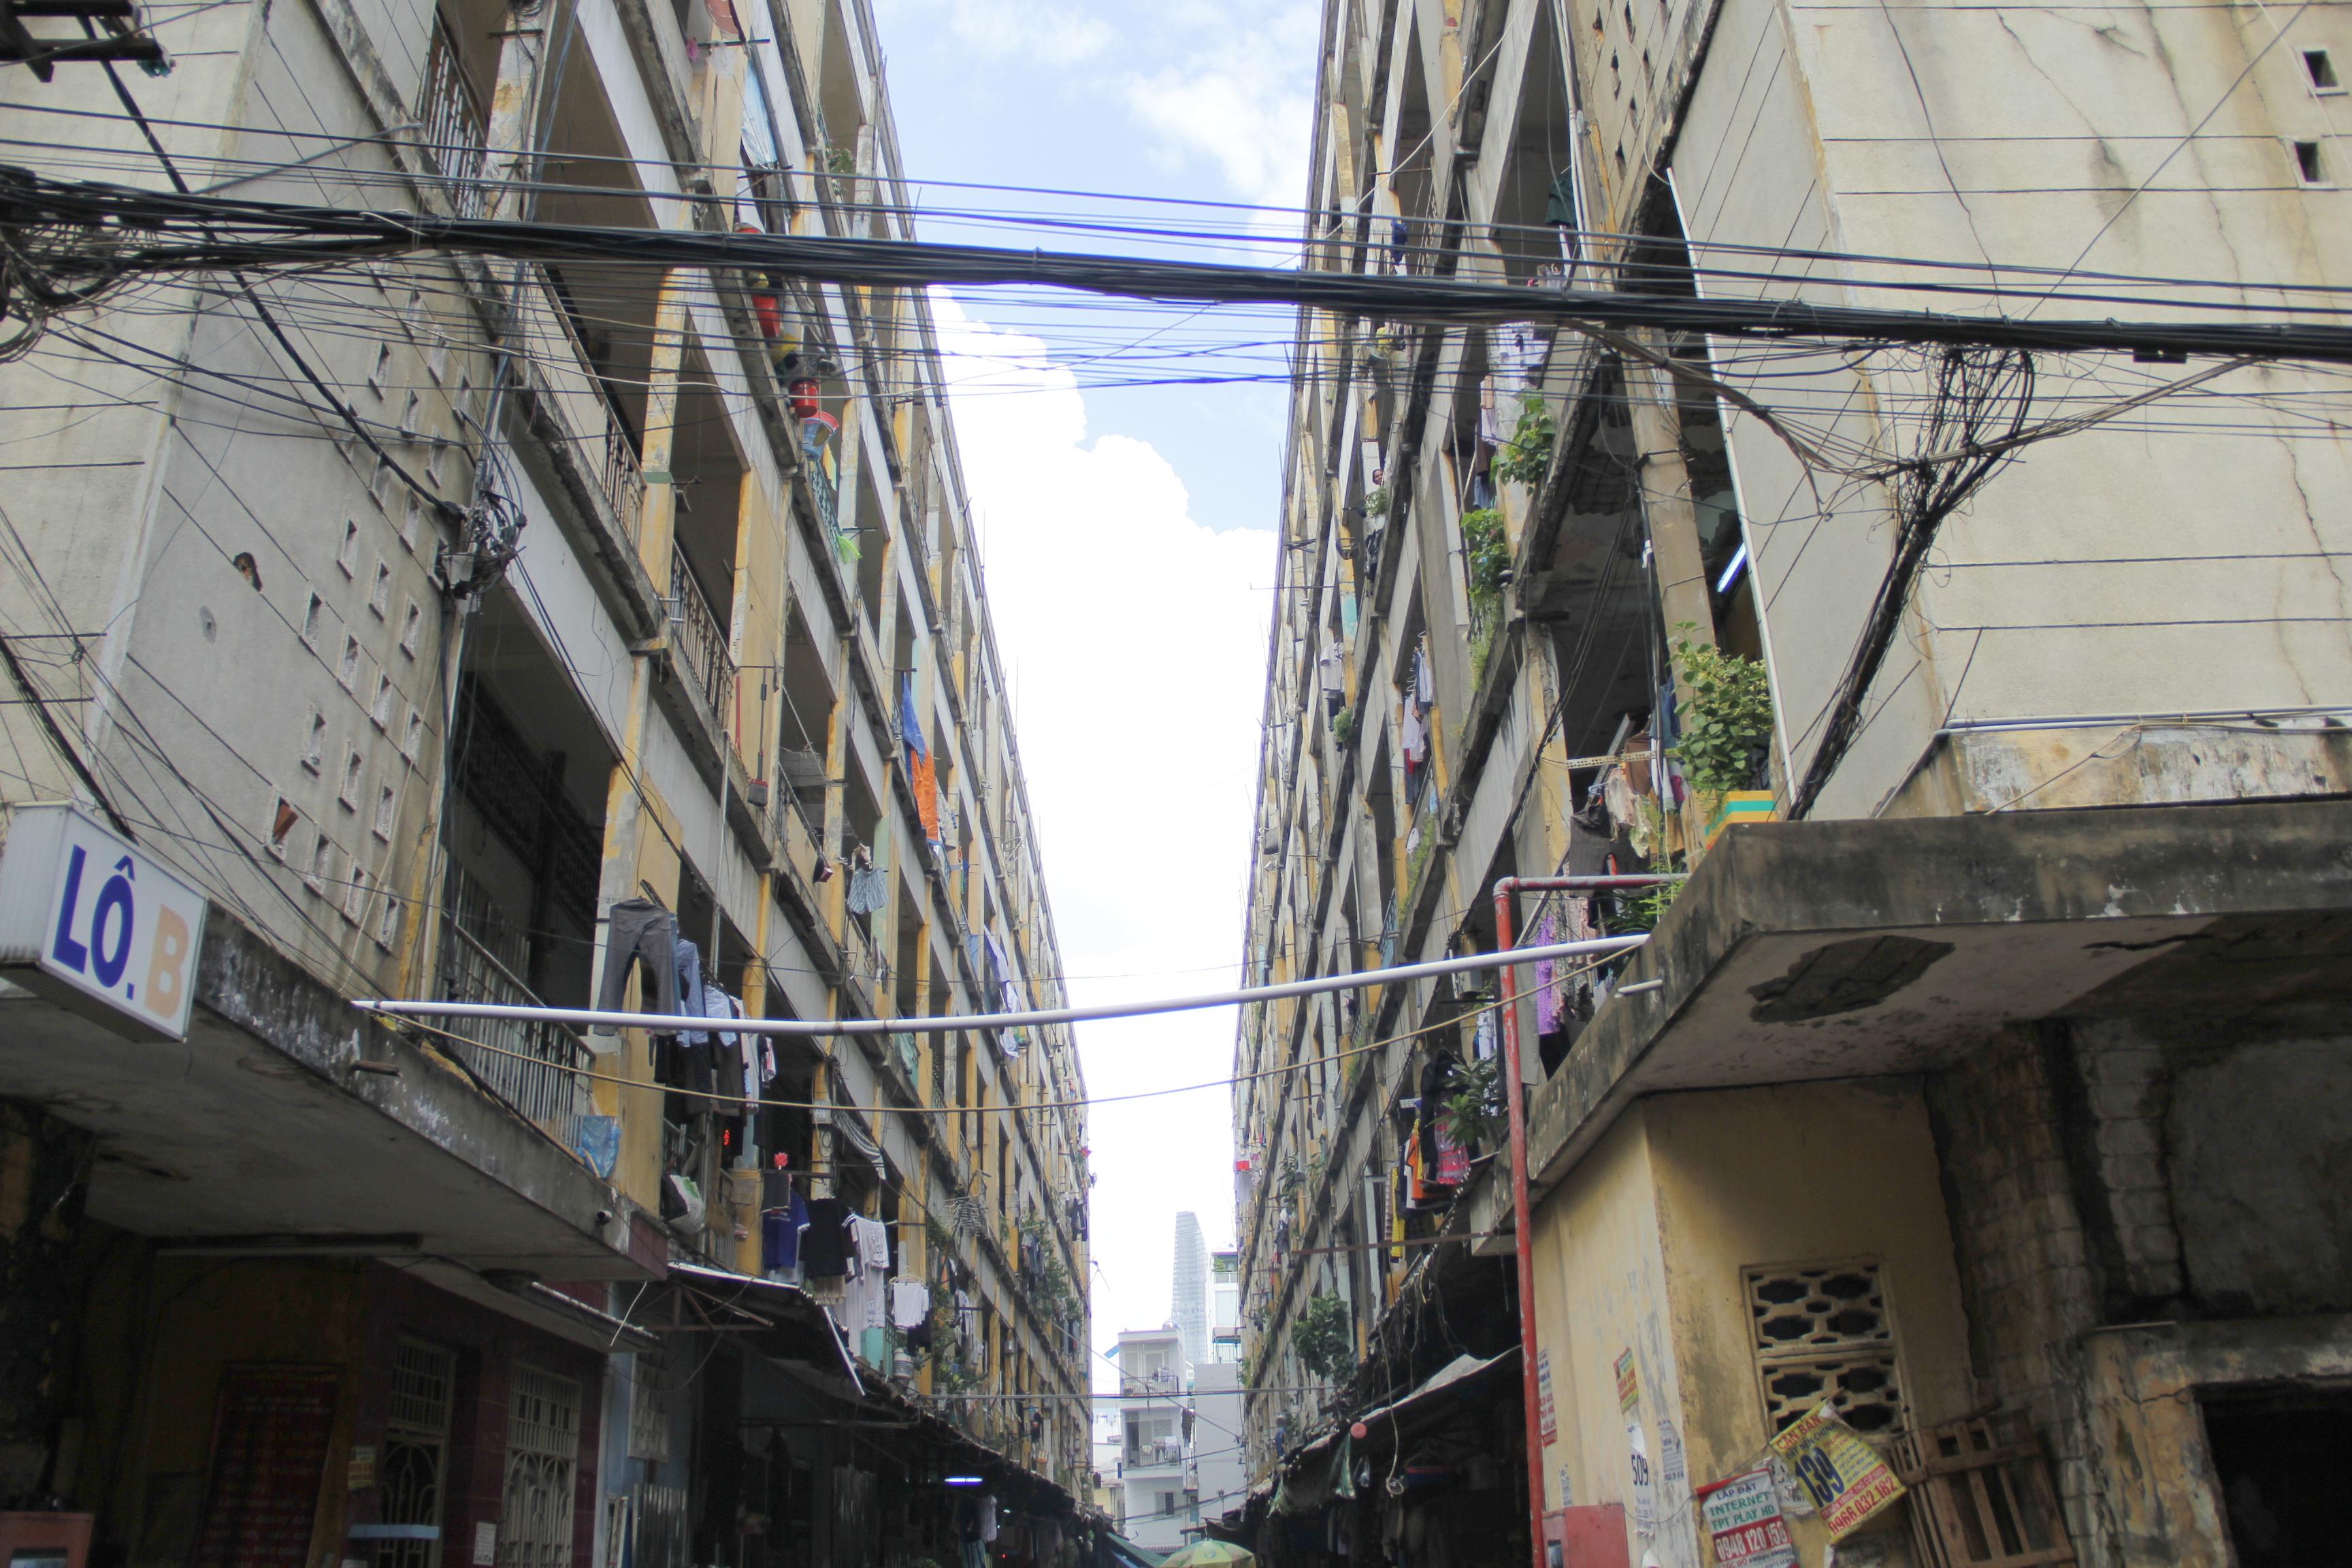 Cũng nằm trong diện cảnh báo nguy cơ sập đổ, khu chung cư cũ Cô Bắc - Cô Giang (quận 1) gồm 4 khối nhà, qua nhiều năm sử dụng đã bị xuống cấp nặng